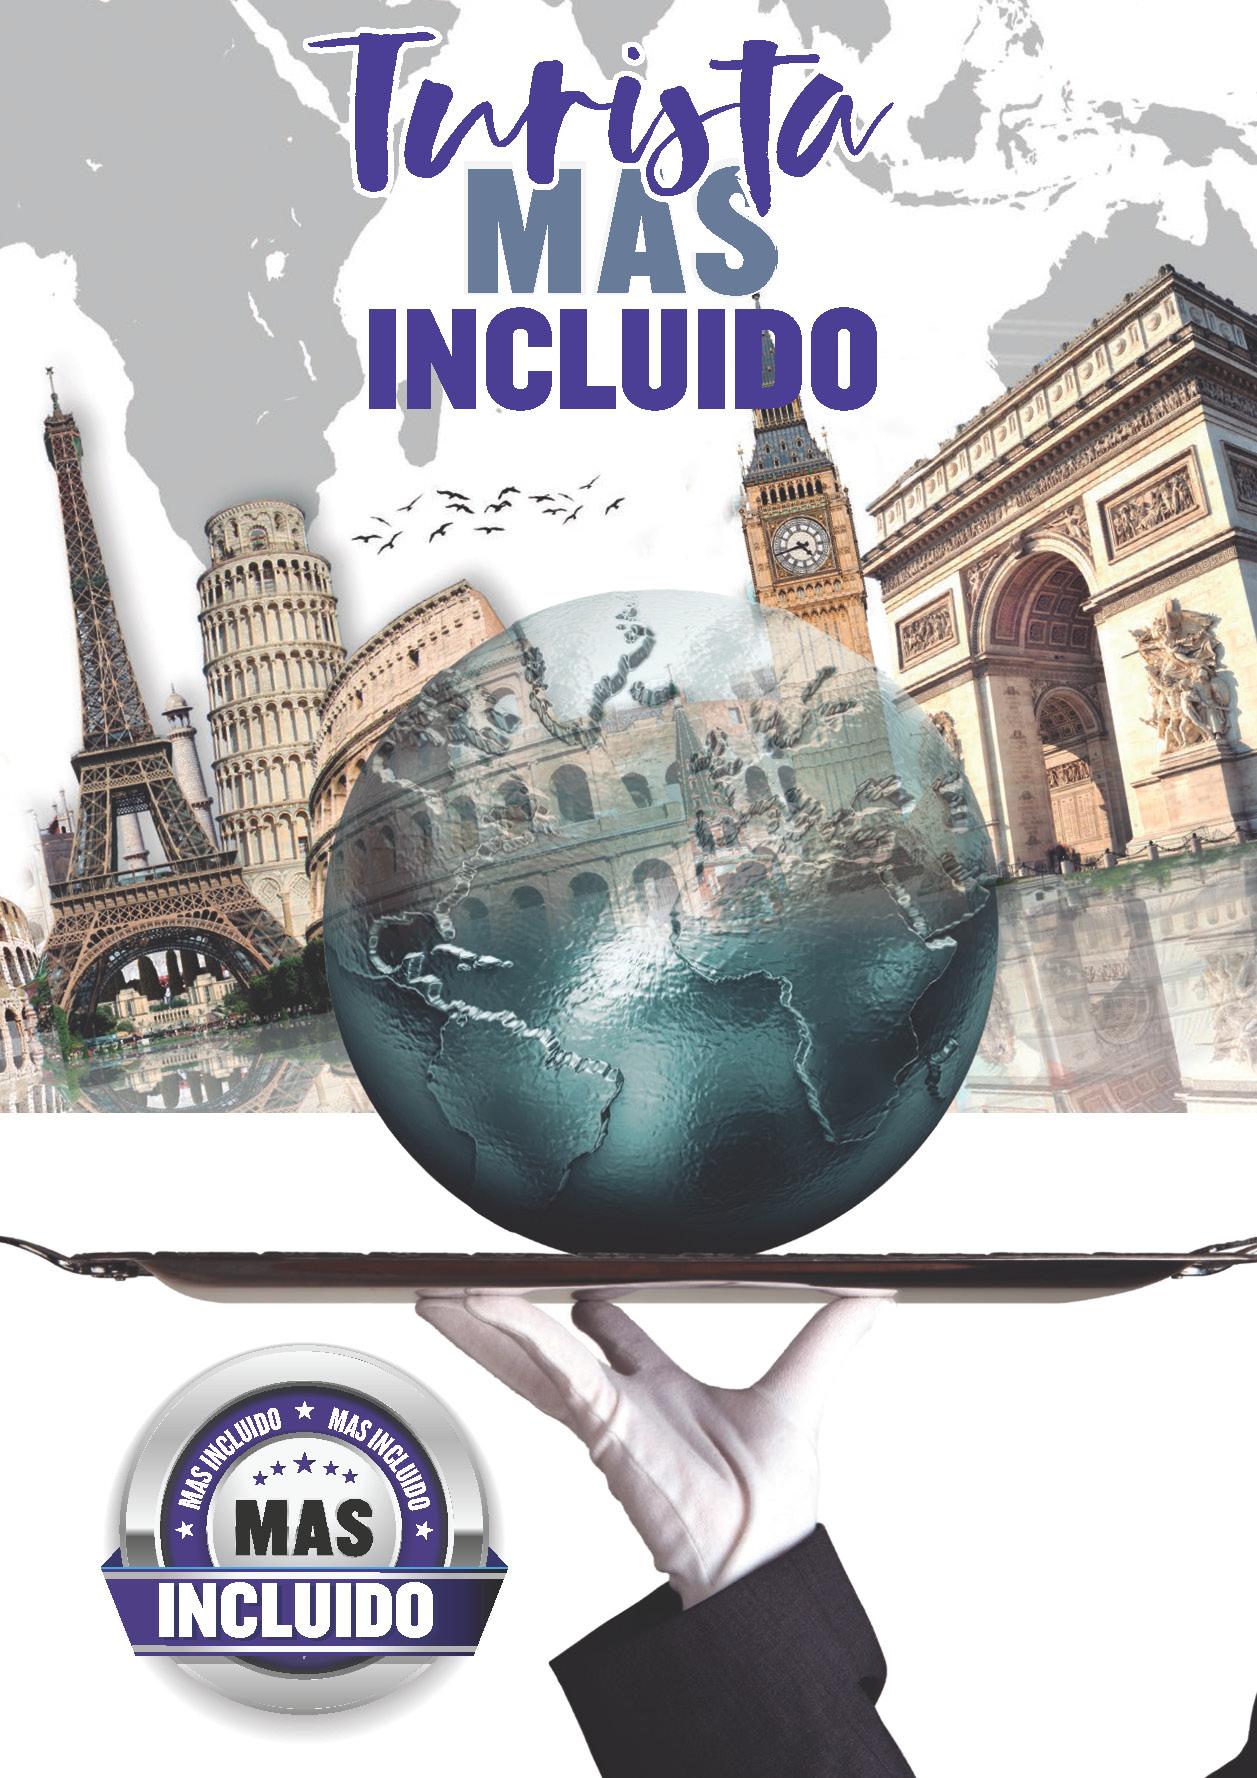 Catalogo Europamundo Vacaciones Mas Incluido 2018-2019